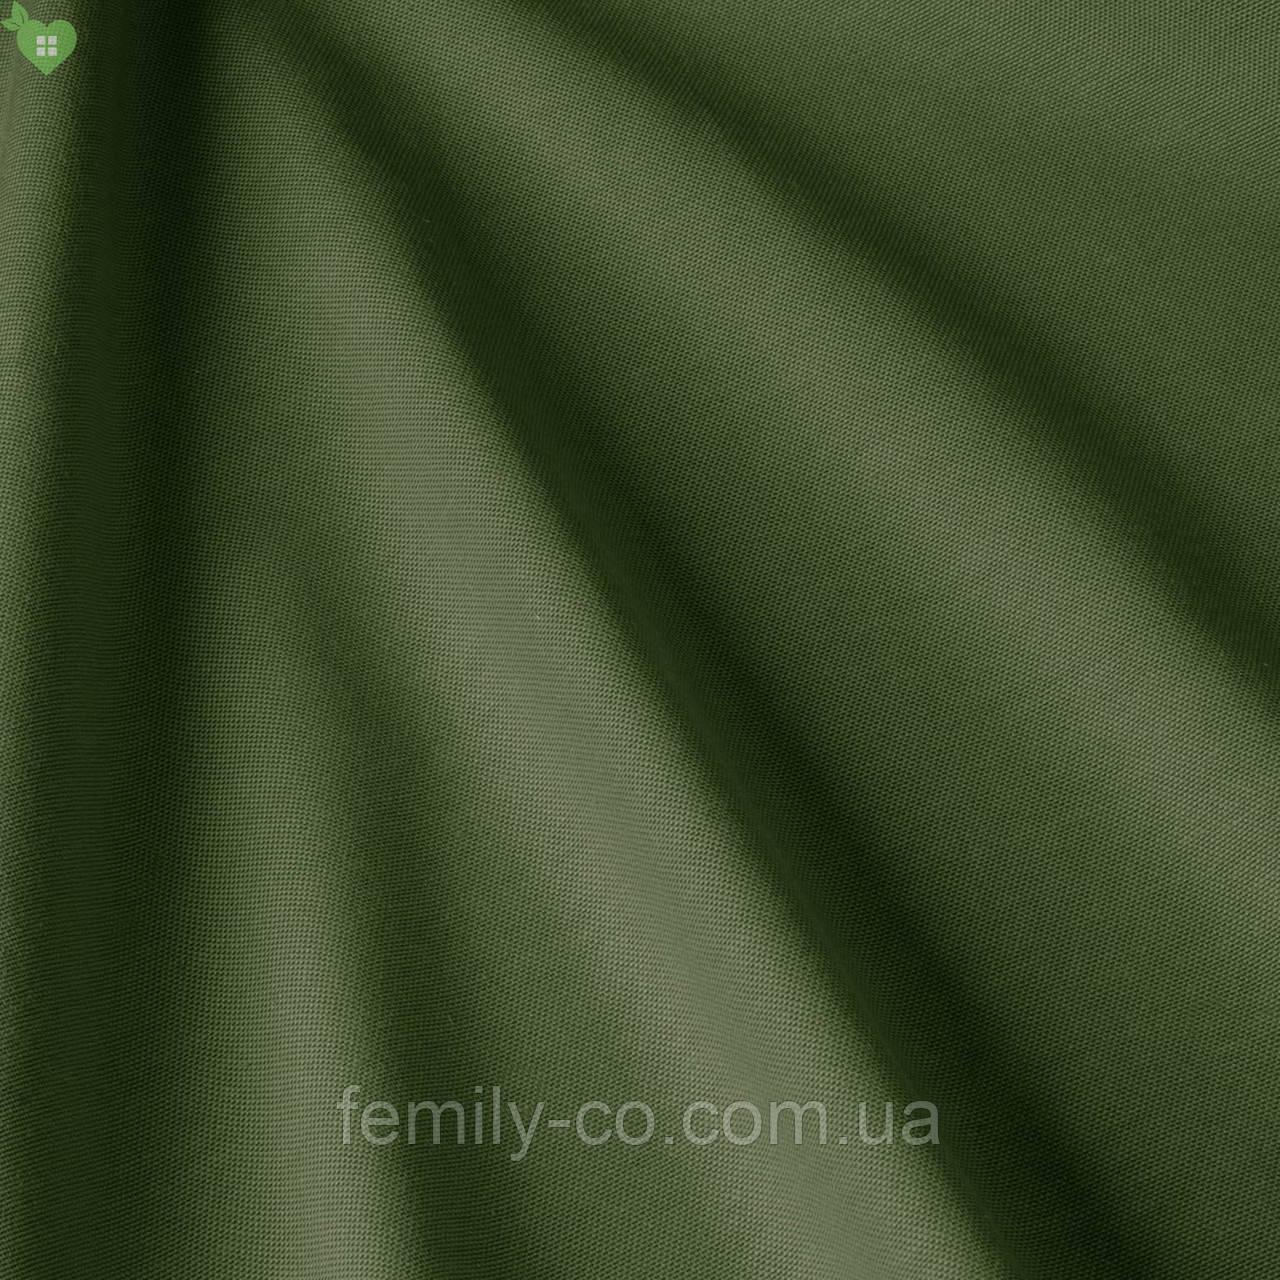 Однотонная декоративная ткань глубокого оливково-зеленого цвета Турция 83170